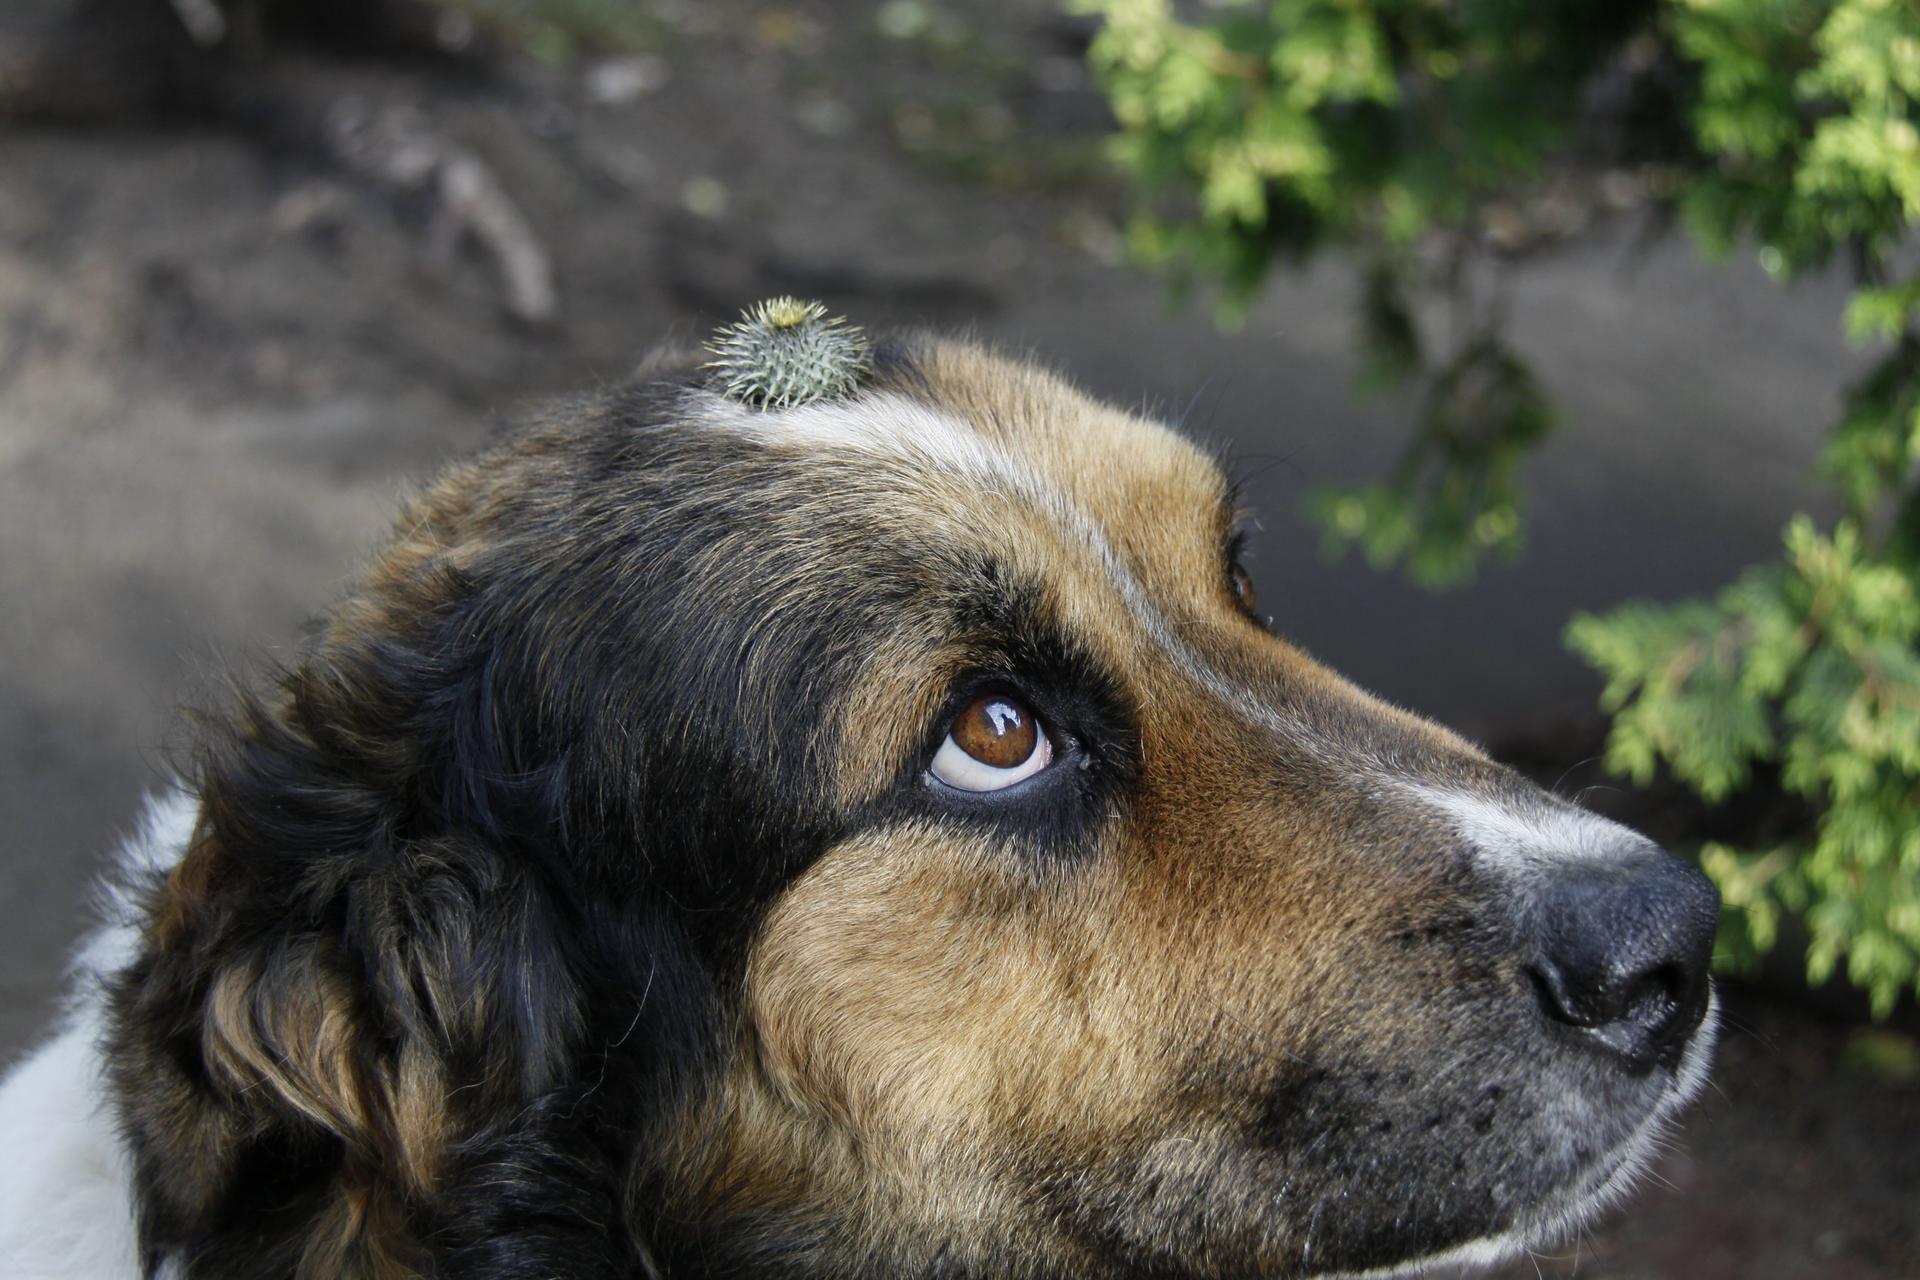 Galeria zdjęć owocu łopianu czyli rzepy wczepione wsierść zwierzęcia - psa.